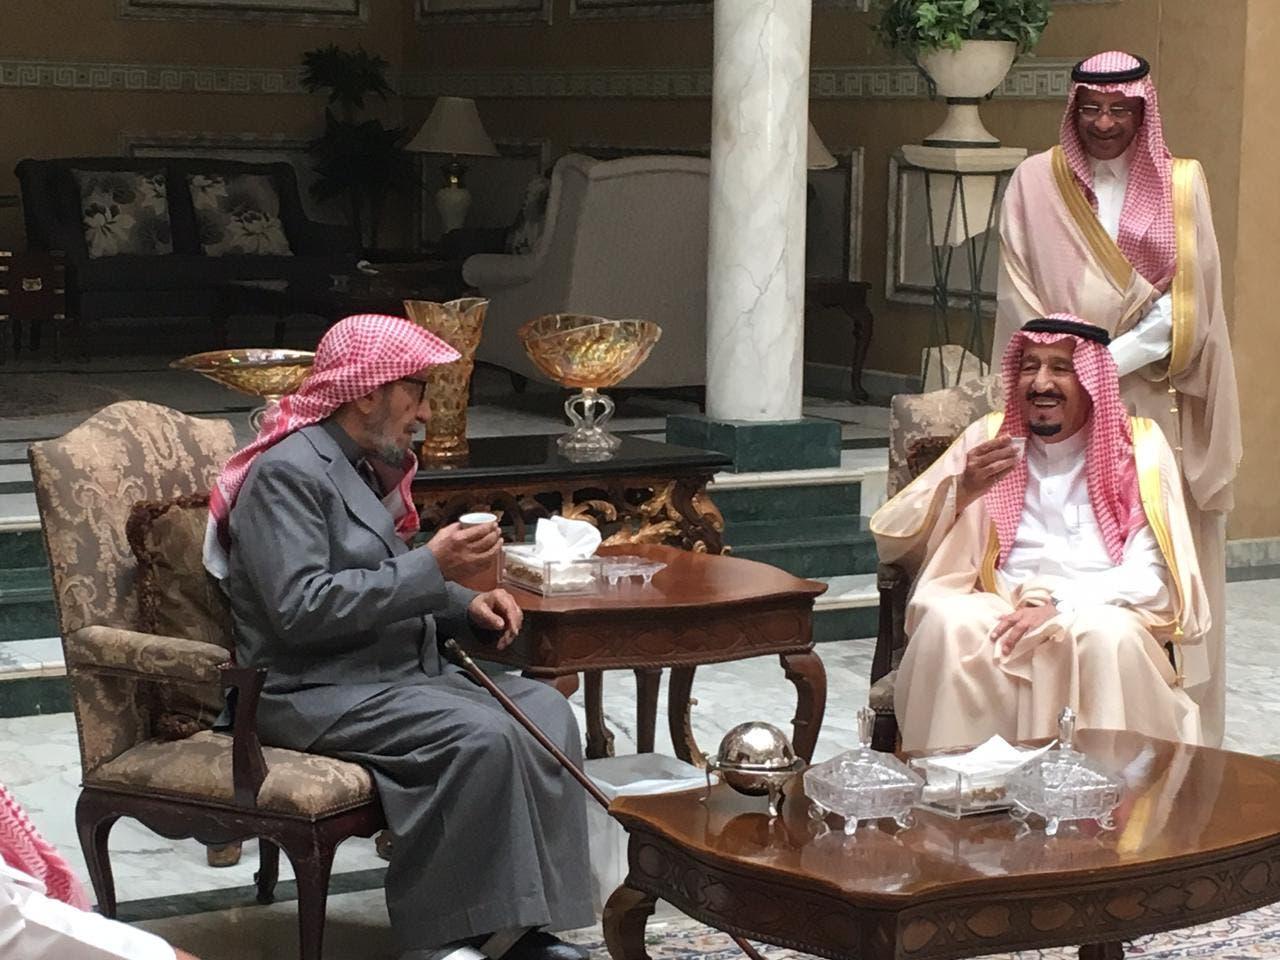 الملك سلمان في زيارة للشيخ الشتري في منزله